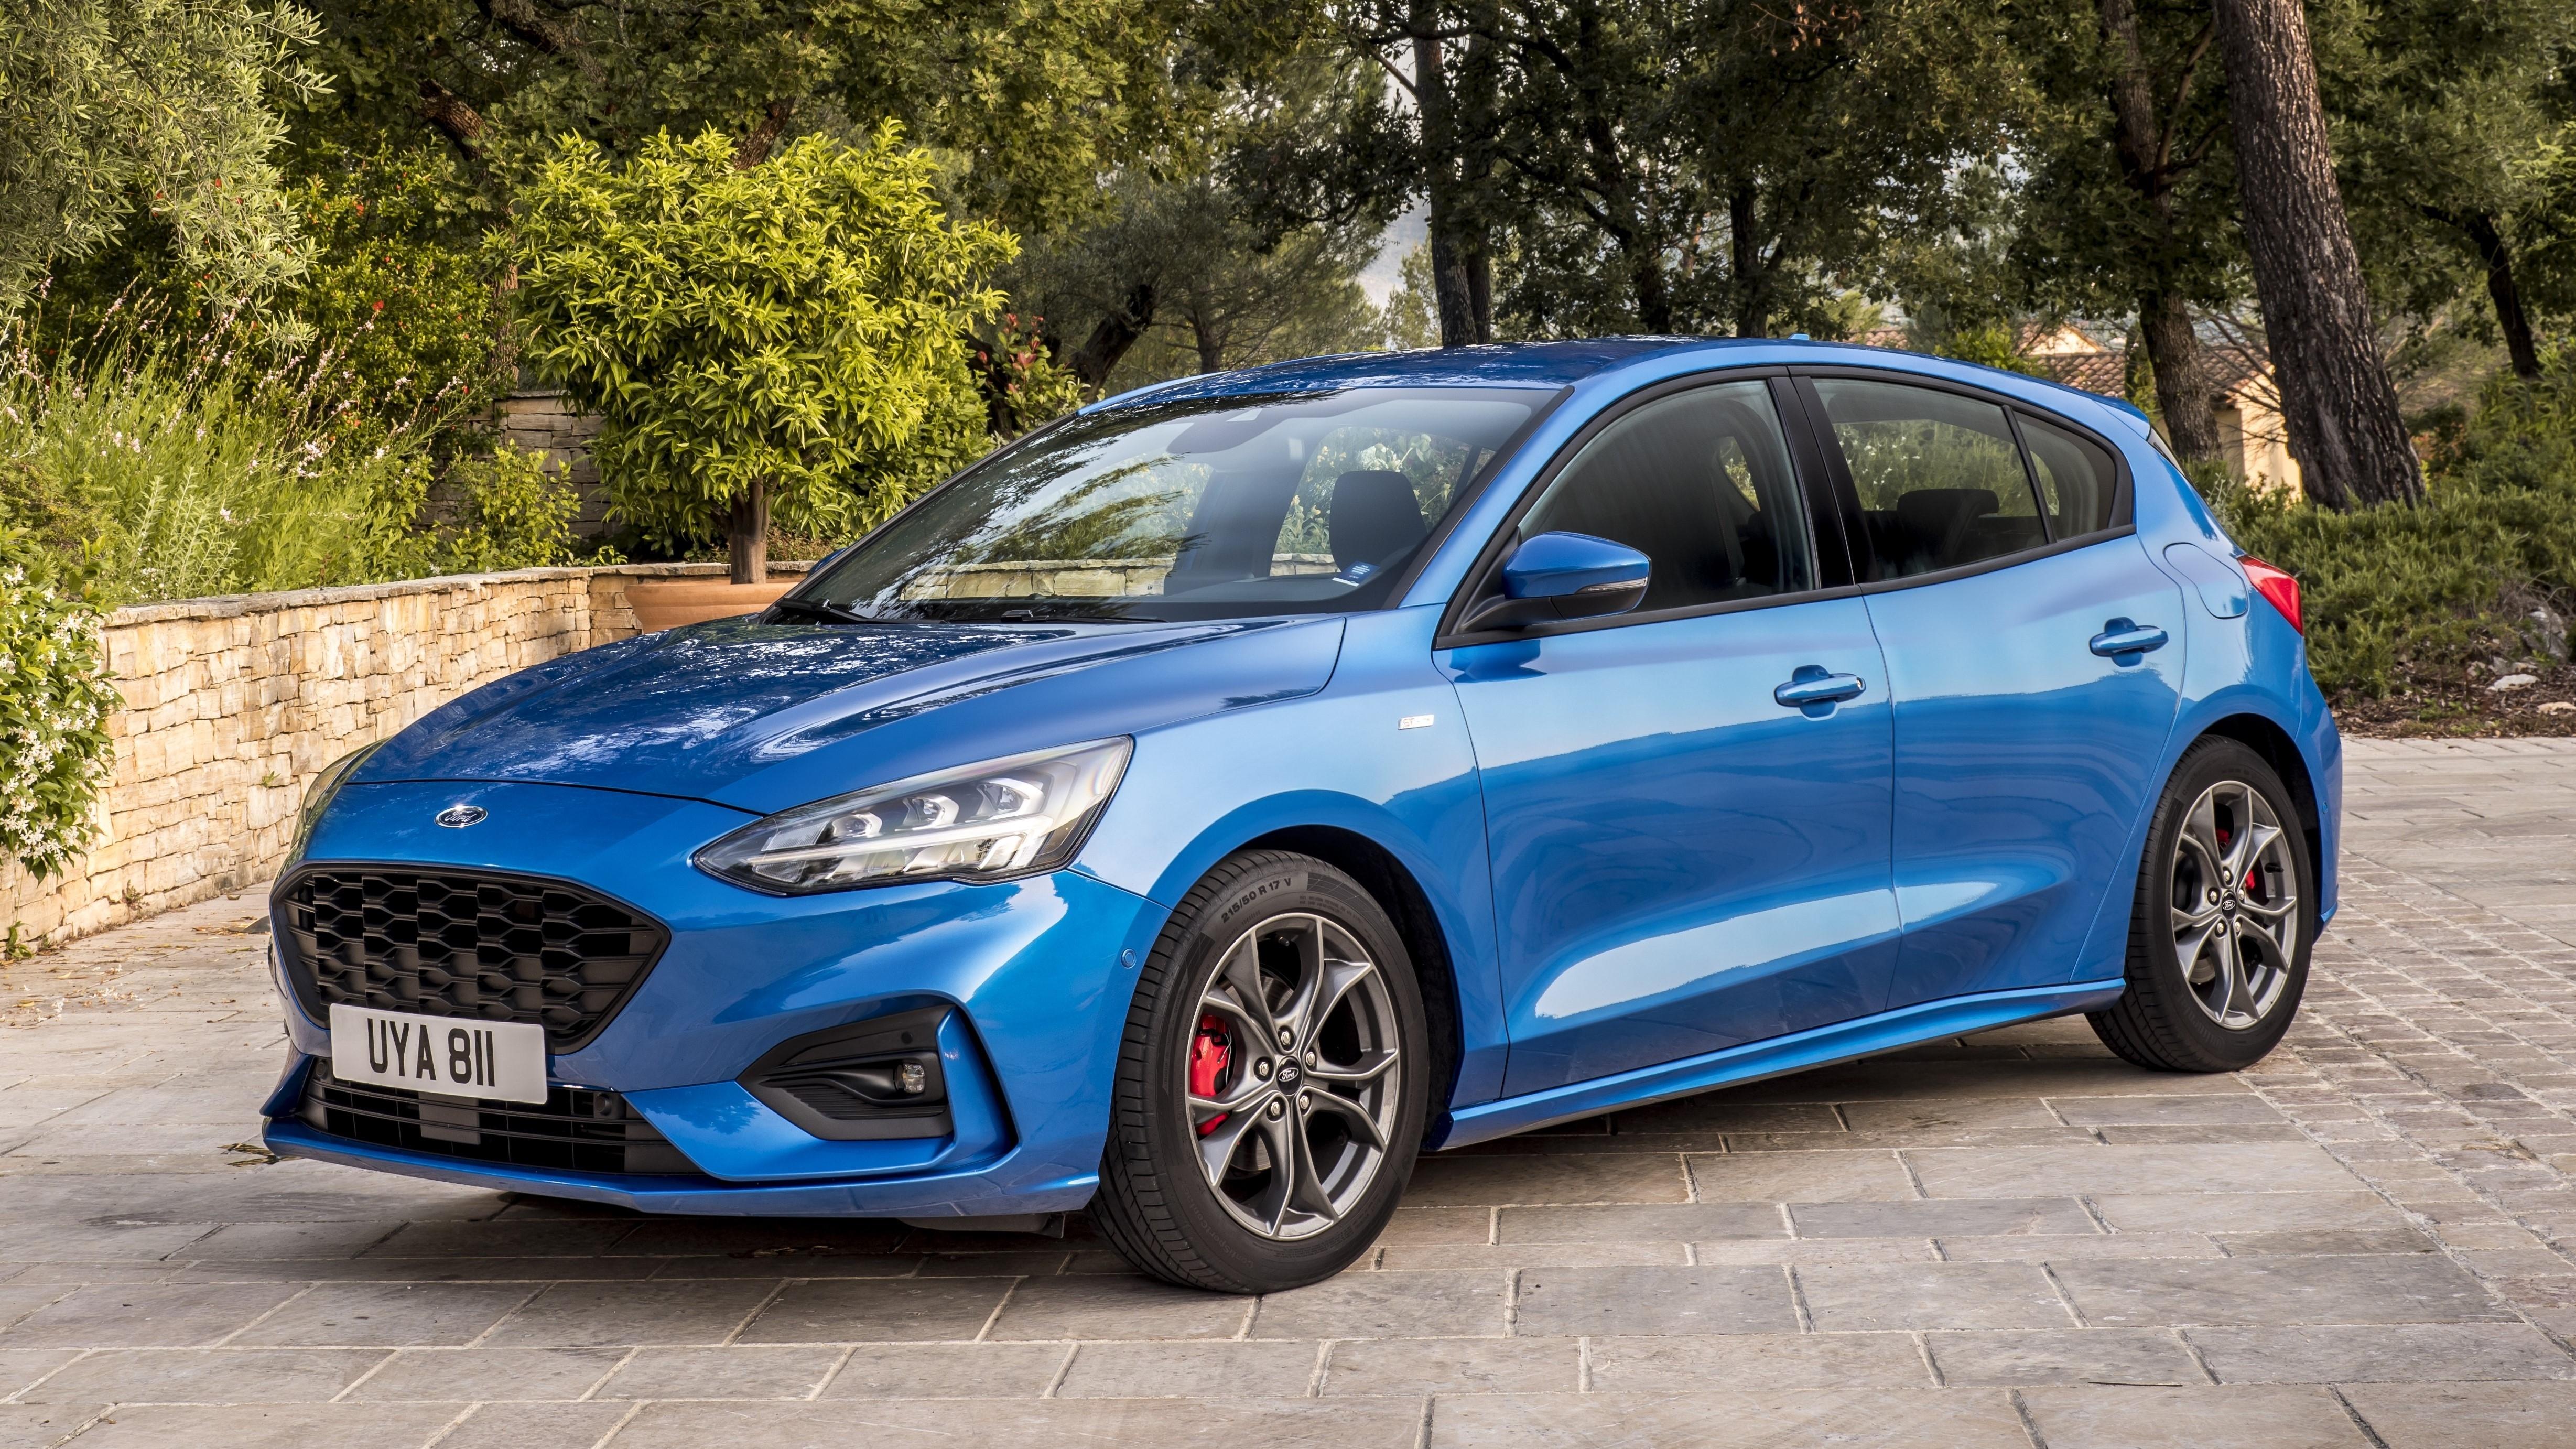 La Ford Focus 4 Arrive En Occasion La Bonne Affaire Du